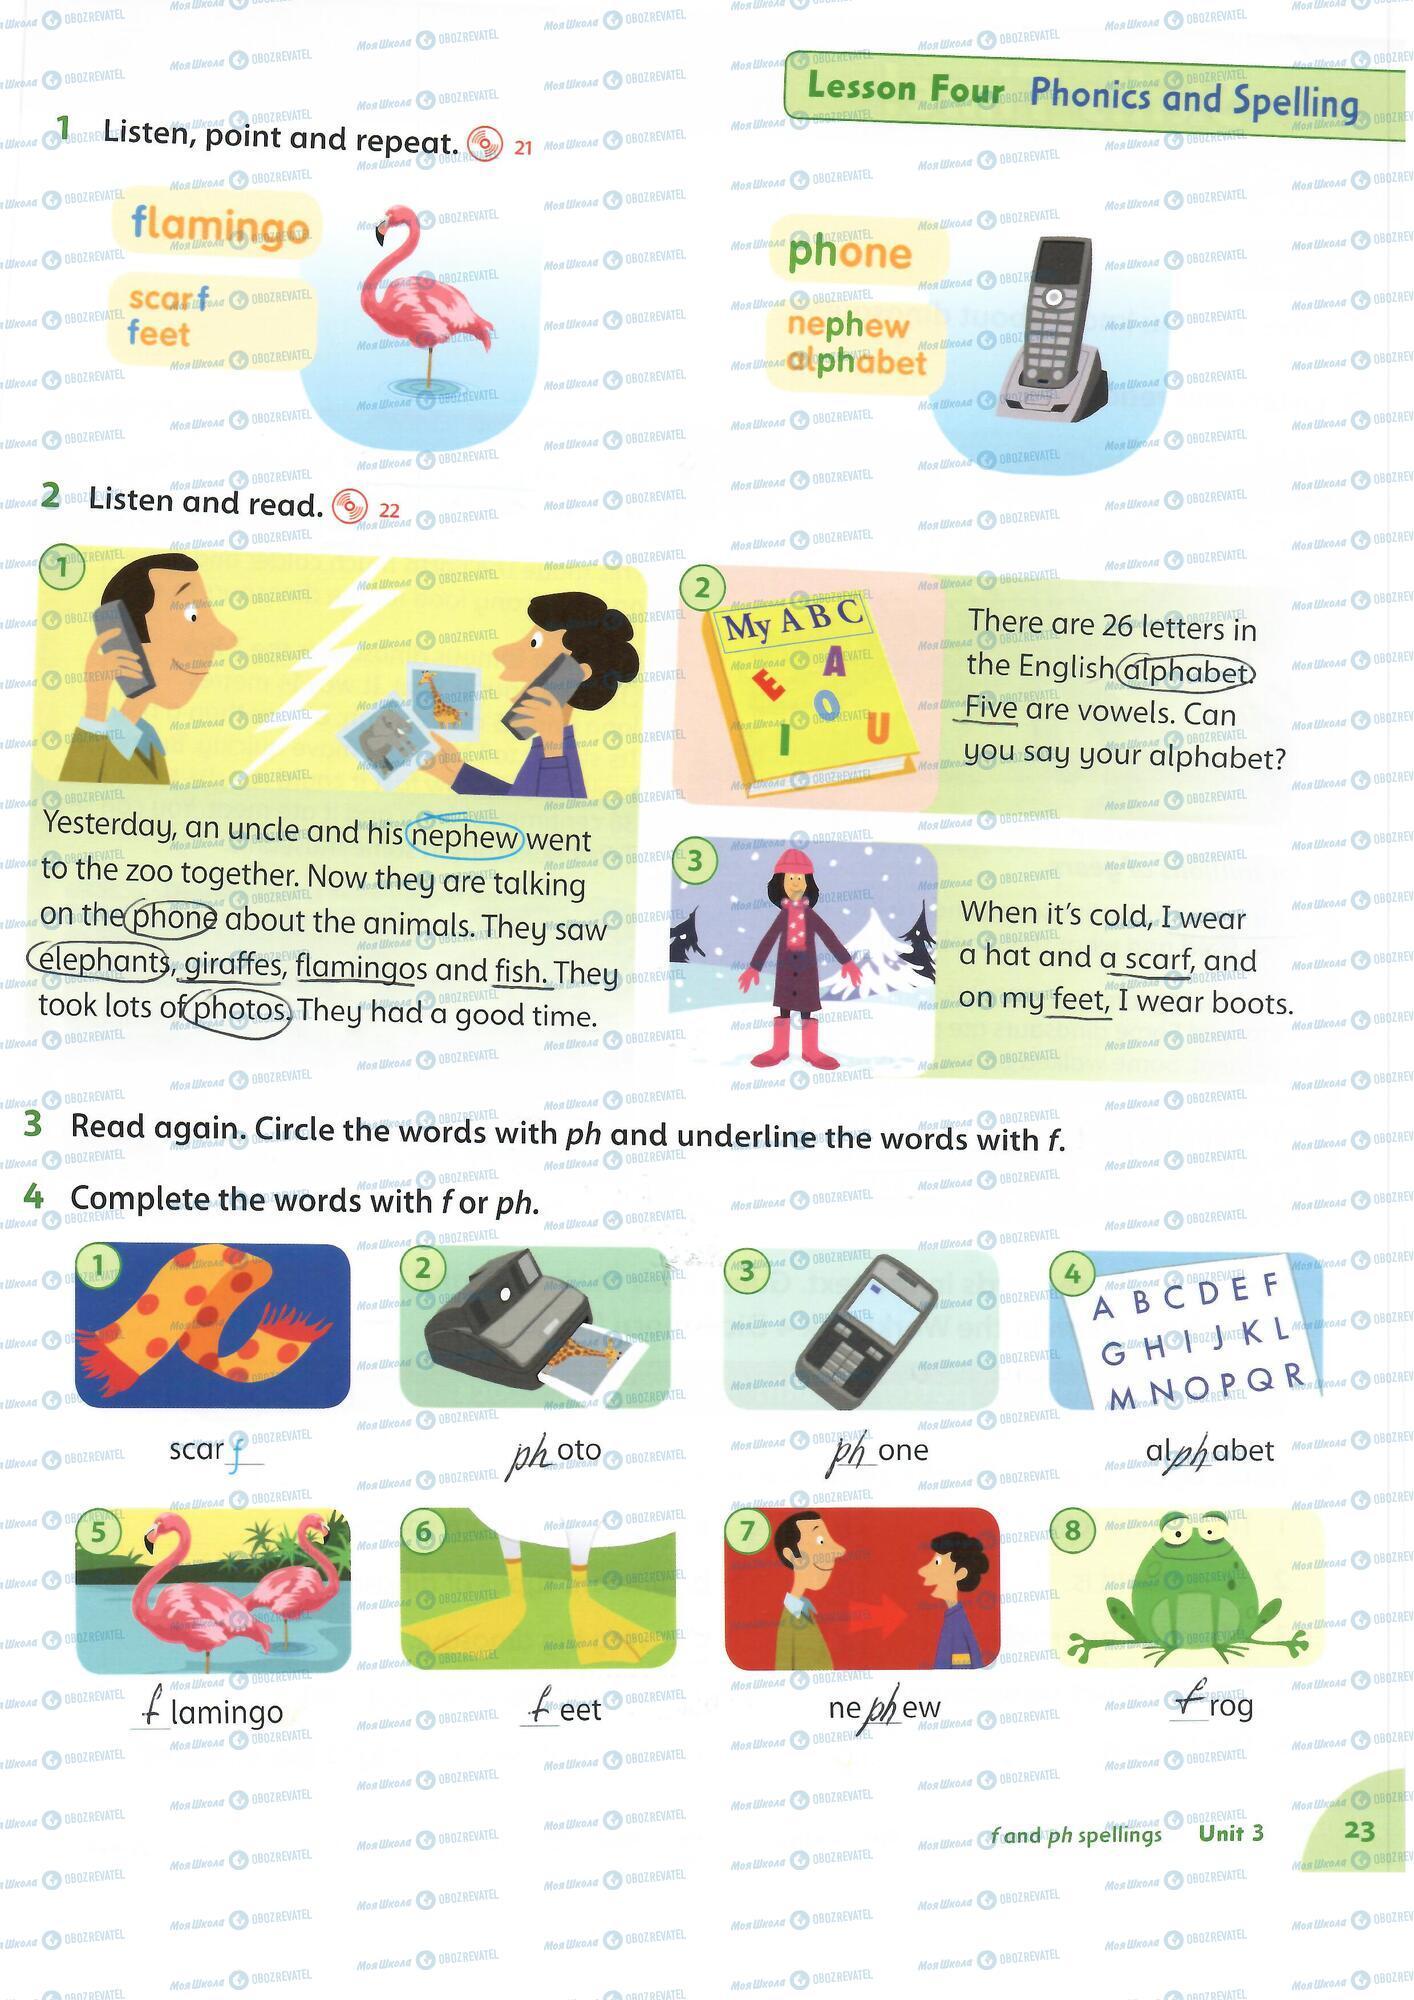 ГДЗ Англійська мова 4 клас сторінка 23